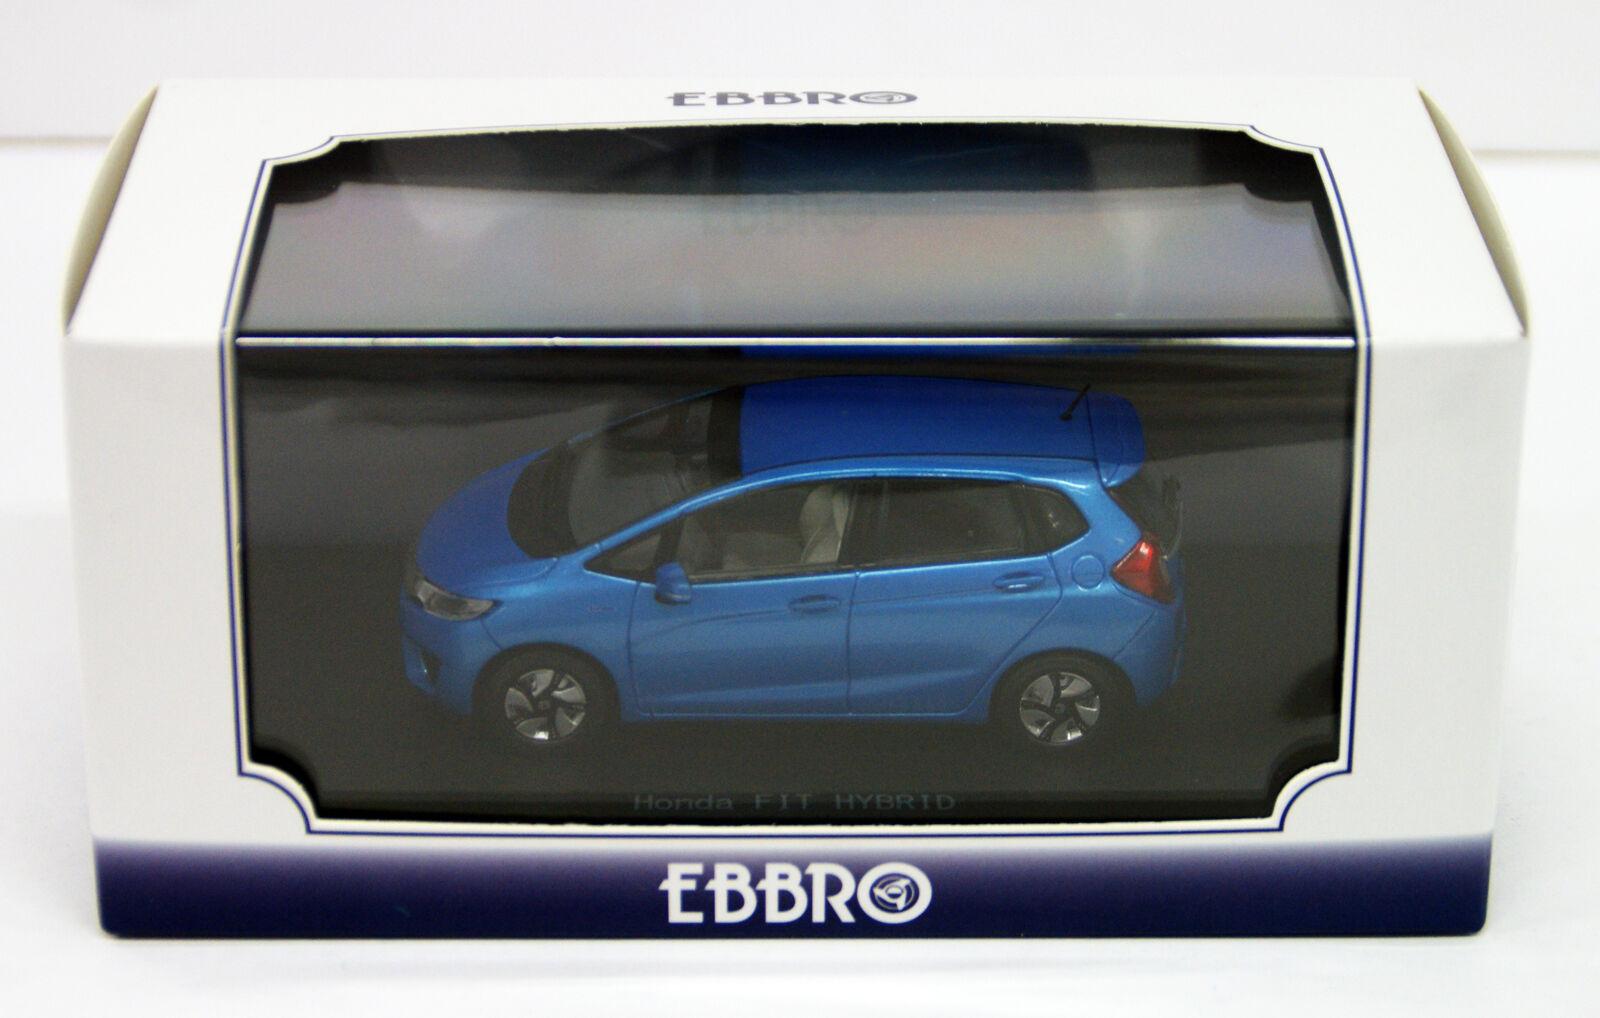 Ebbro 45137 Honda Fit 3 híbrido Vivos Azul Cielo Perl 1 43 Escala